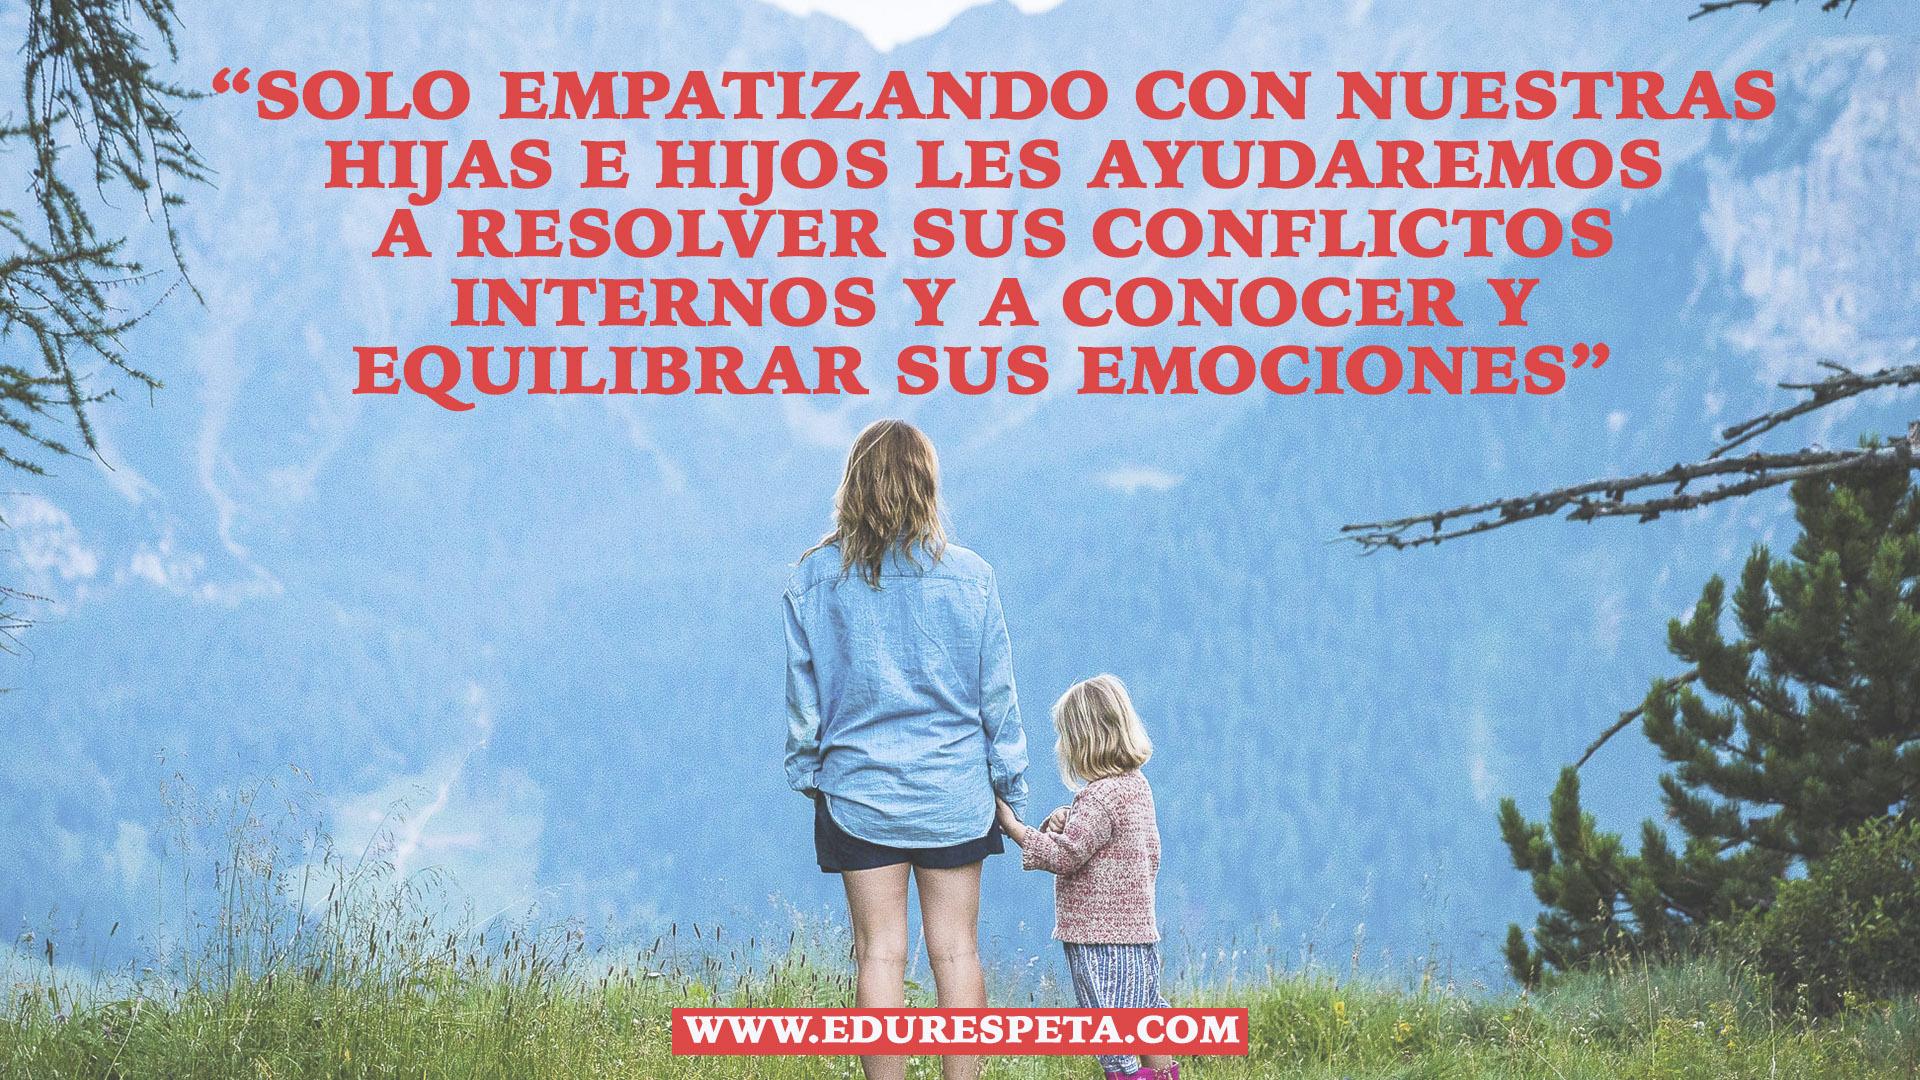 Solo empatizando con nuestras hijas e hijos les ayudaremos a resolver